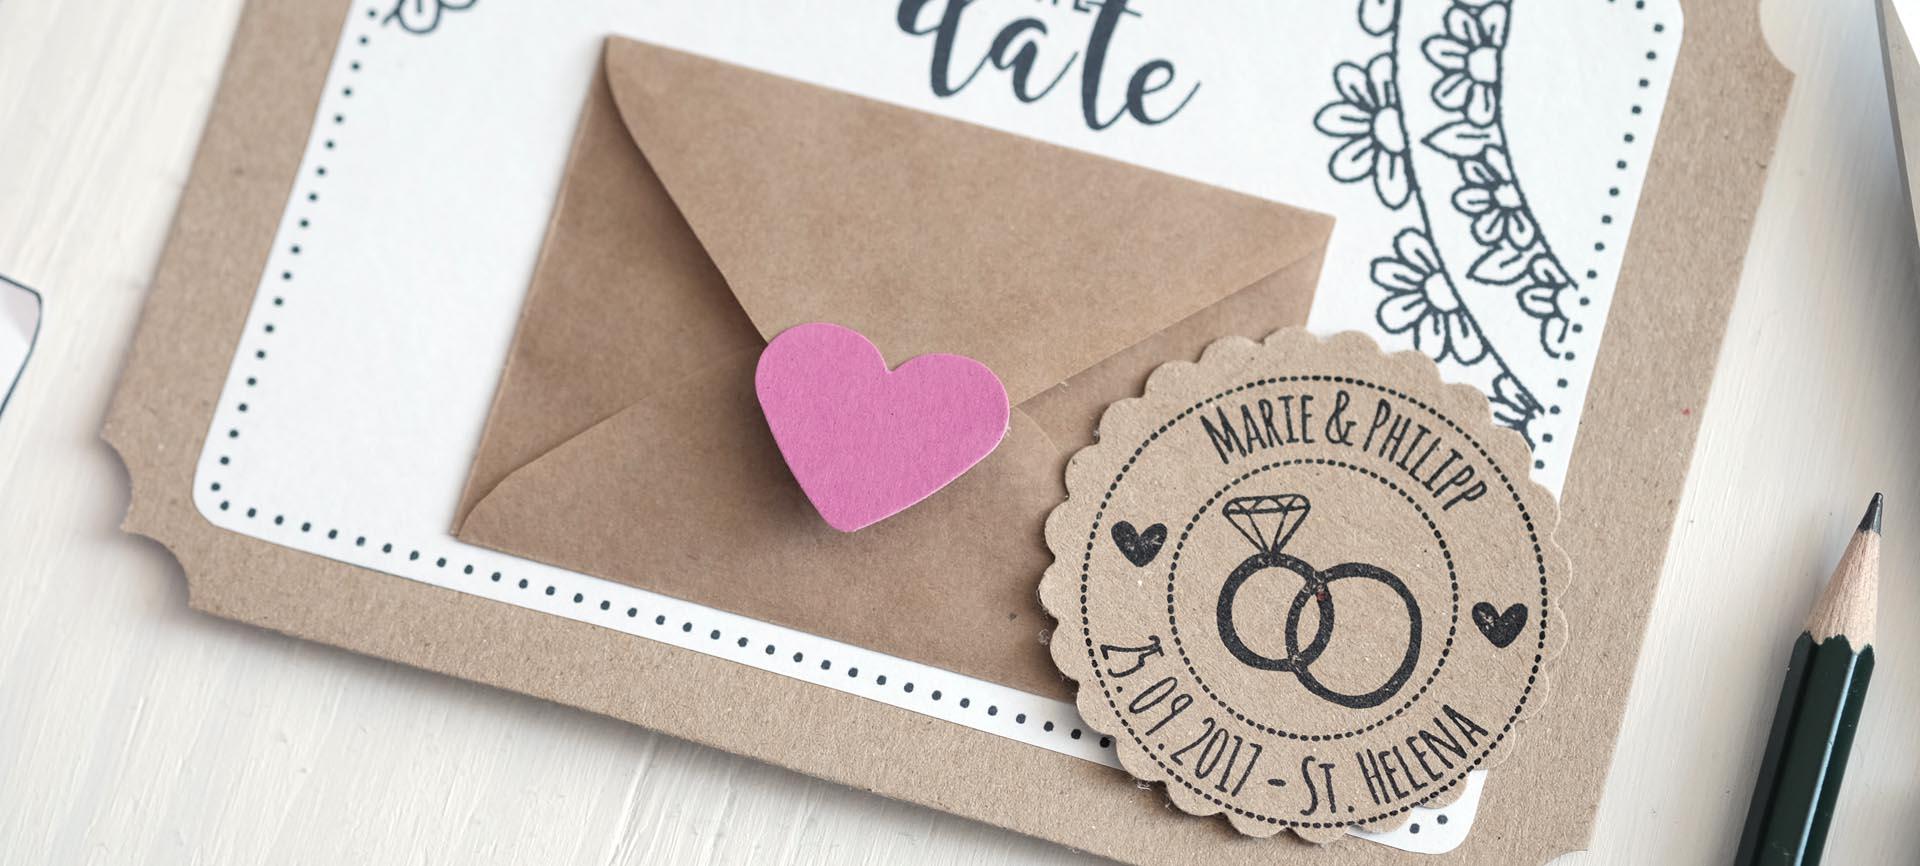 Für Den Mini Briefumschlag: Mithilfe Der Ausgeschnittenen Vorlage Die Form  Auf Kraftpapier Aufzeichnen Und Anschließend Ausschneiden.